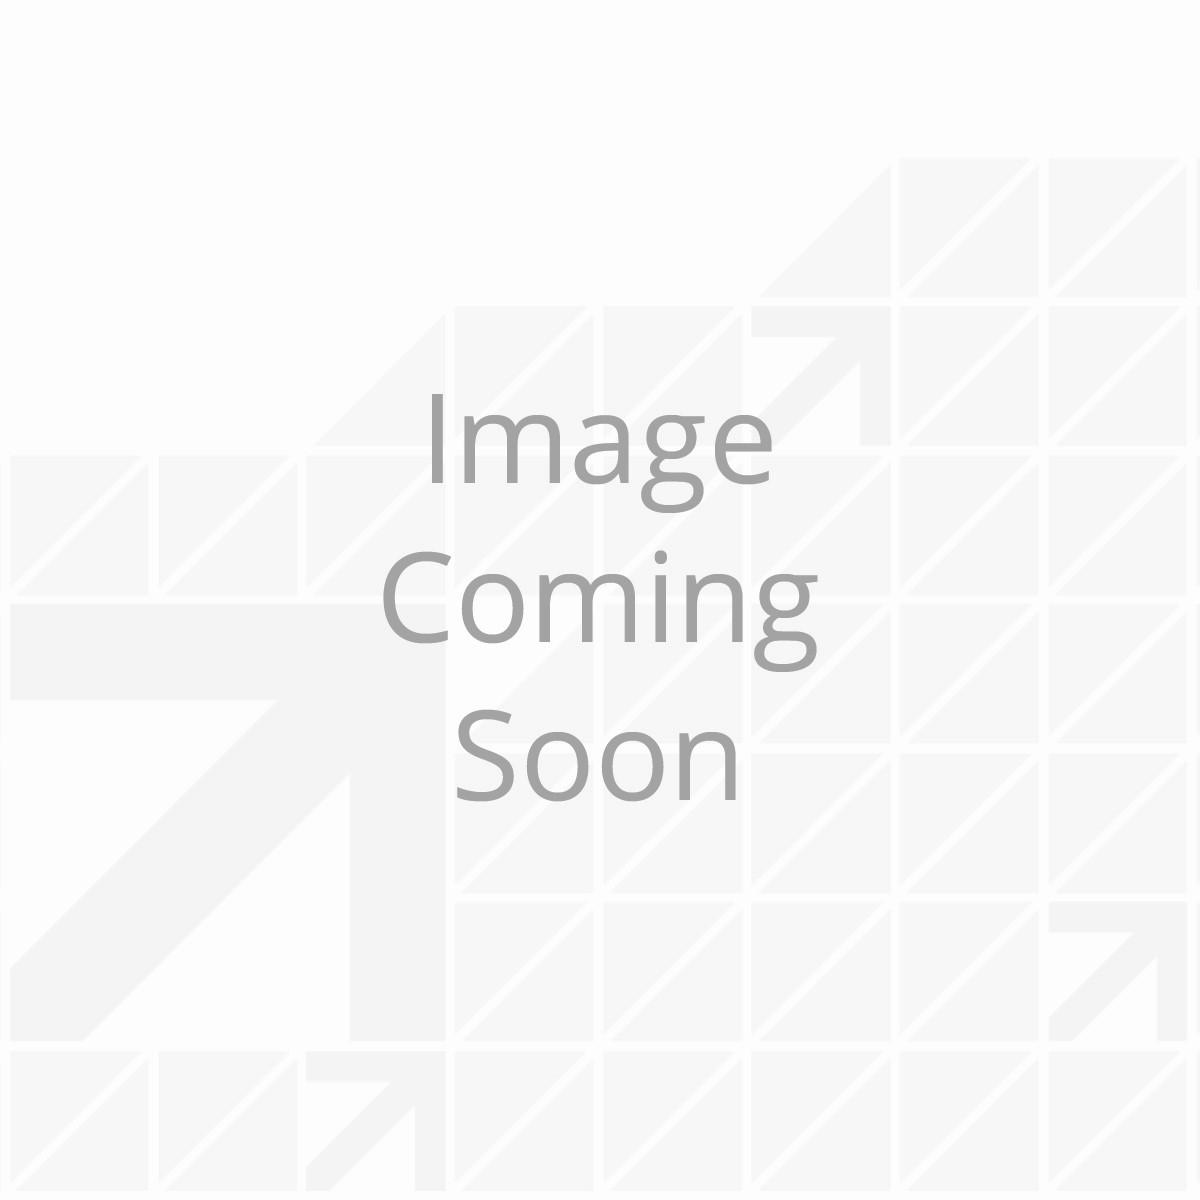 381729_12V-Recepticle-F12VRSB_001